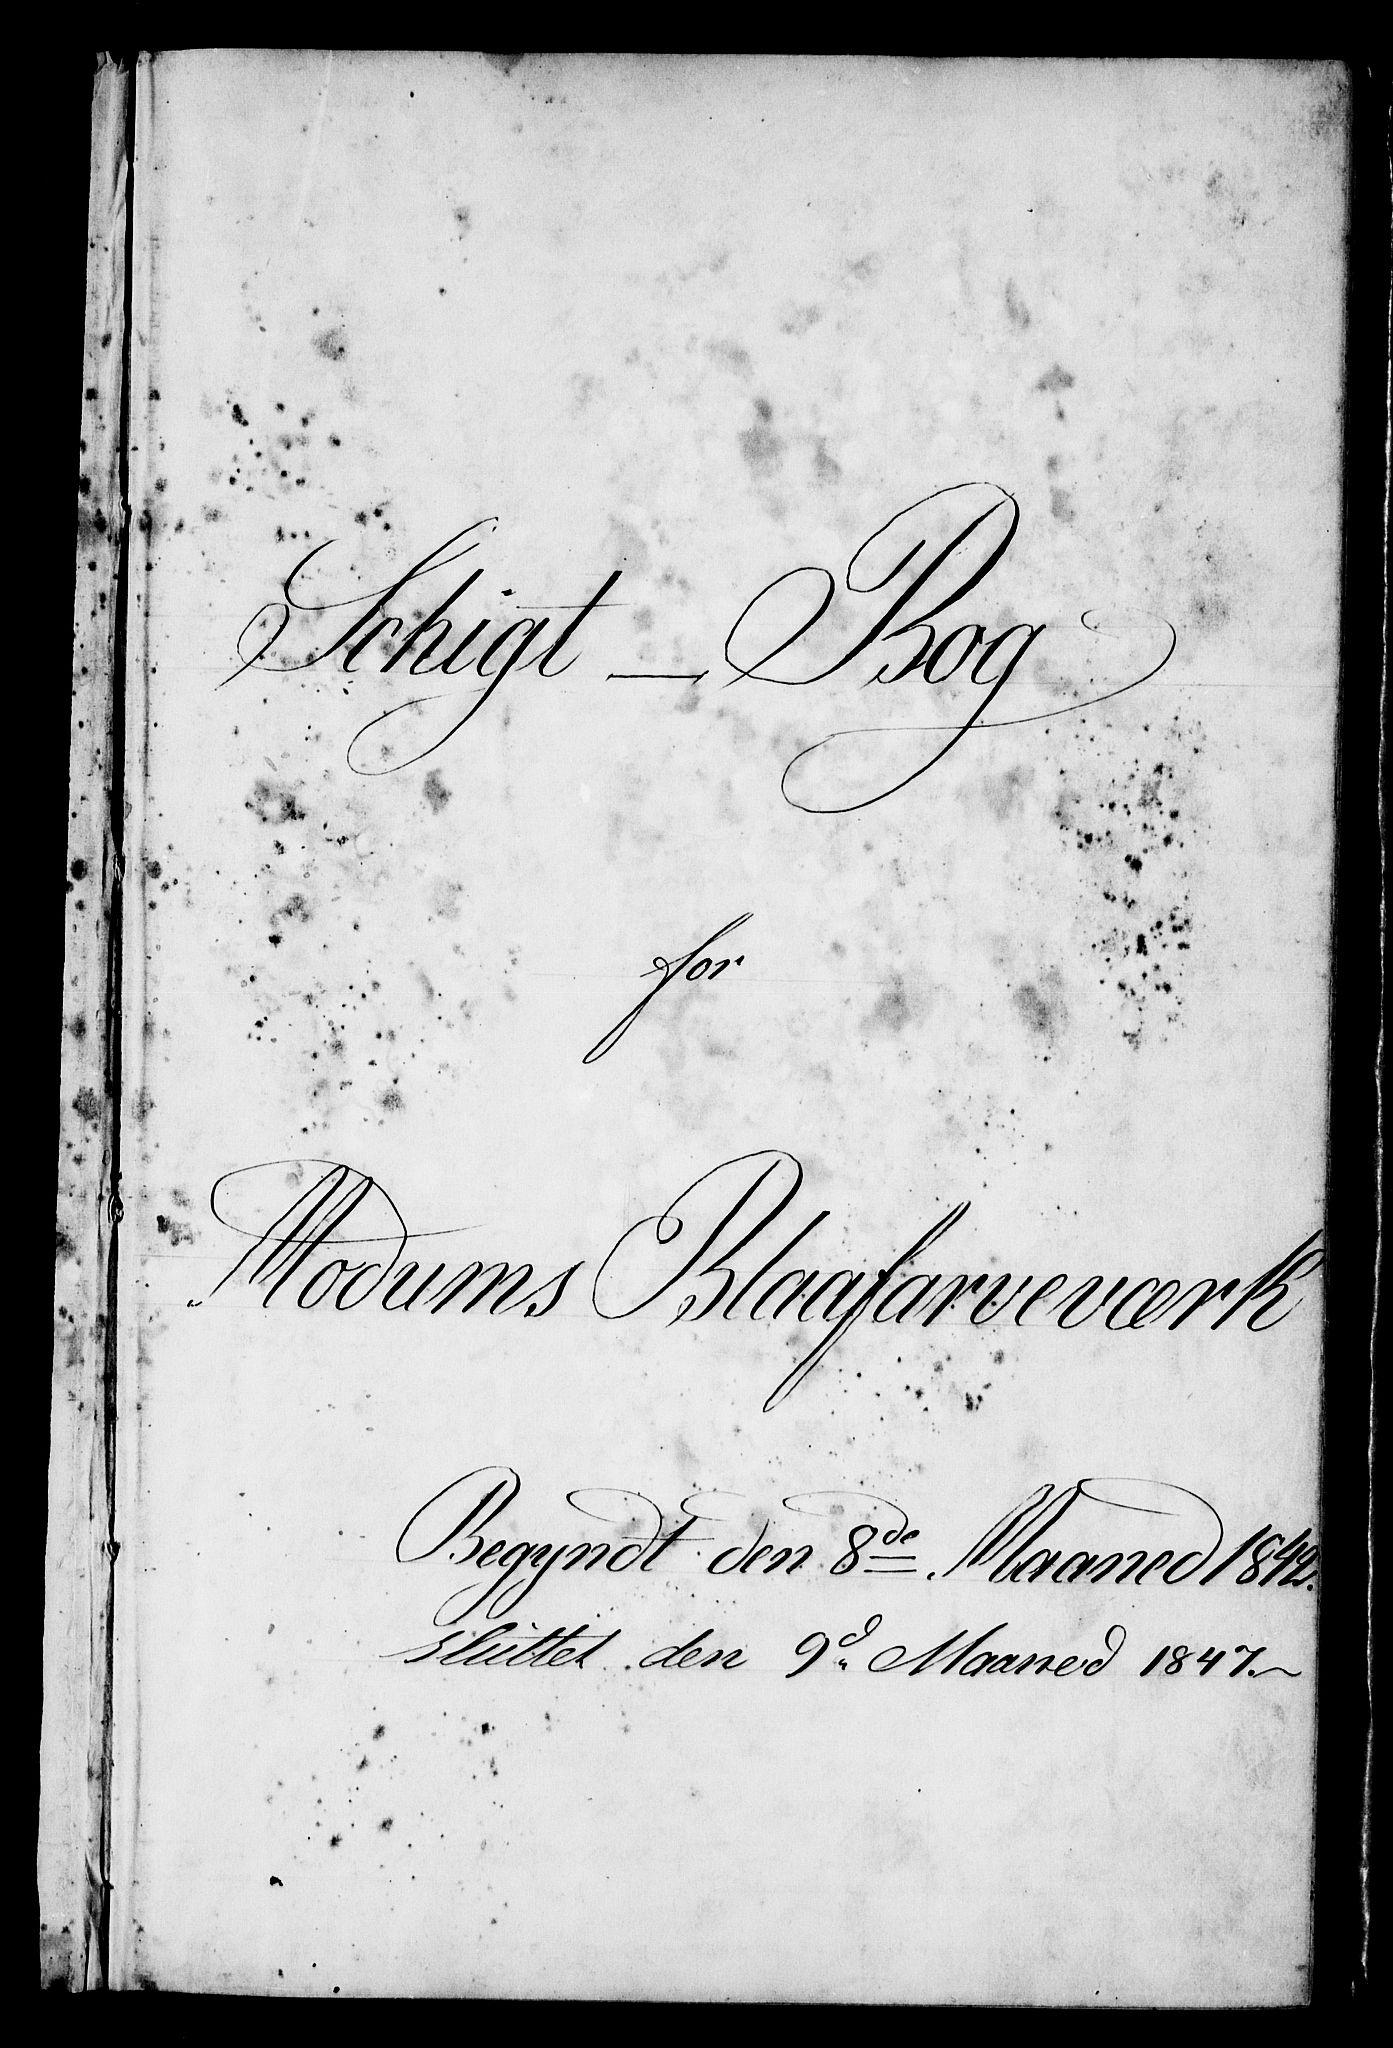 RA, Modums Blaafarveværk, G/Gd/Gdb/L0205: Schigt-Bog ved Modums Blaafarveverk (Regning over utgiftene ved farveverket), 1842-1847, s. 2